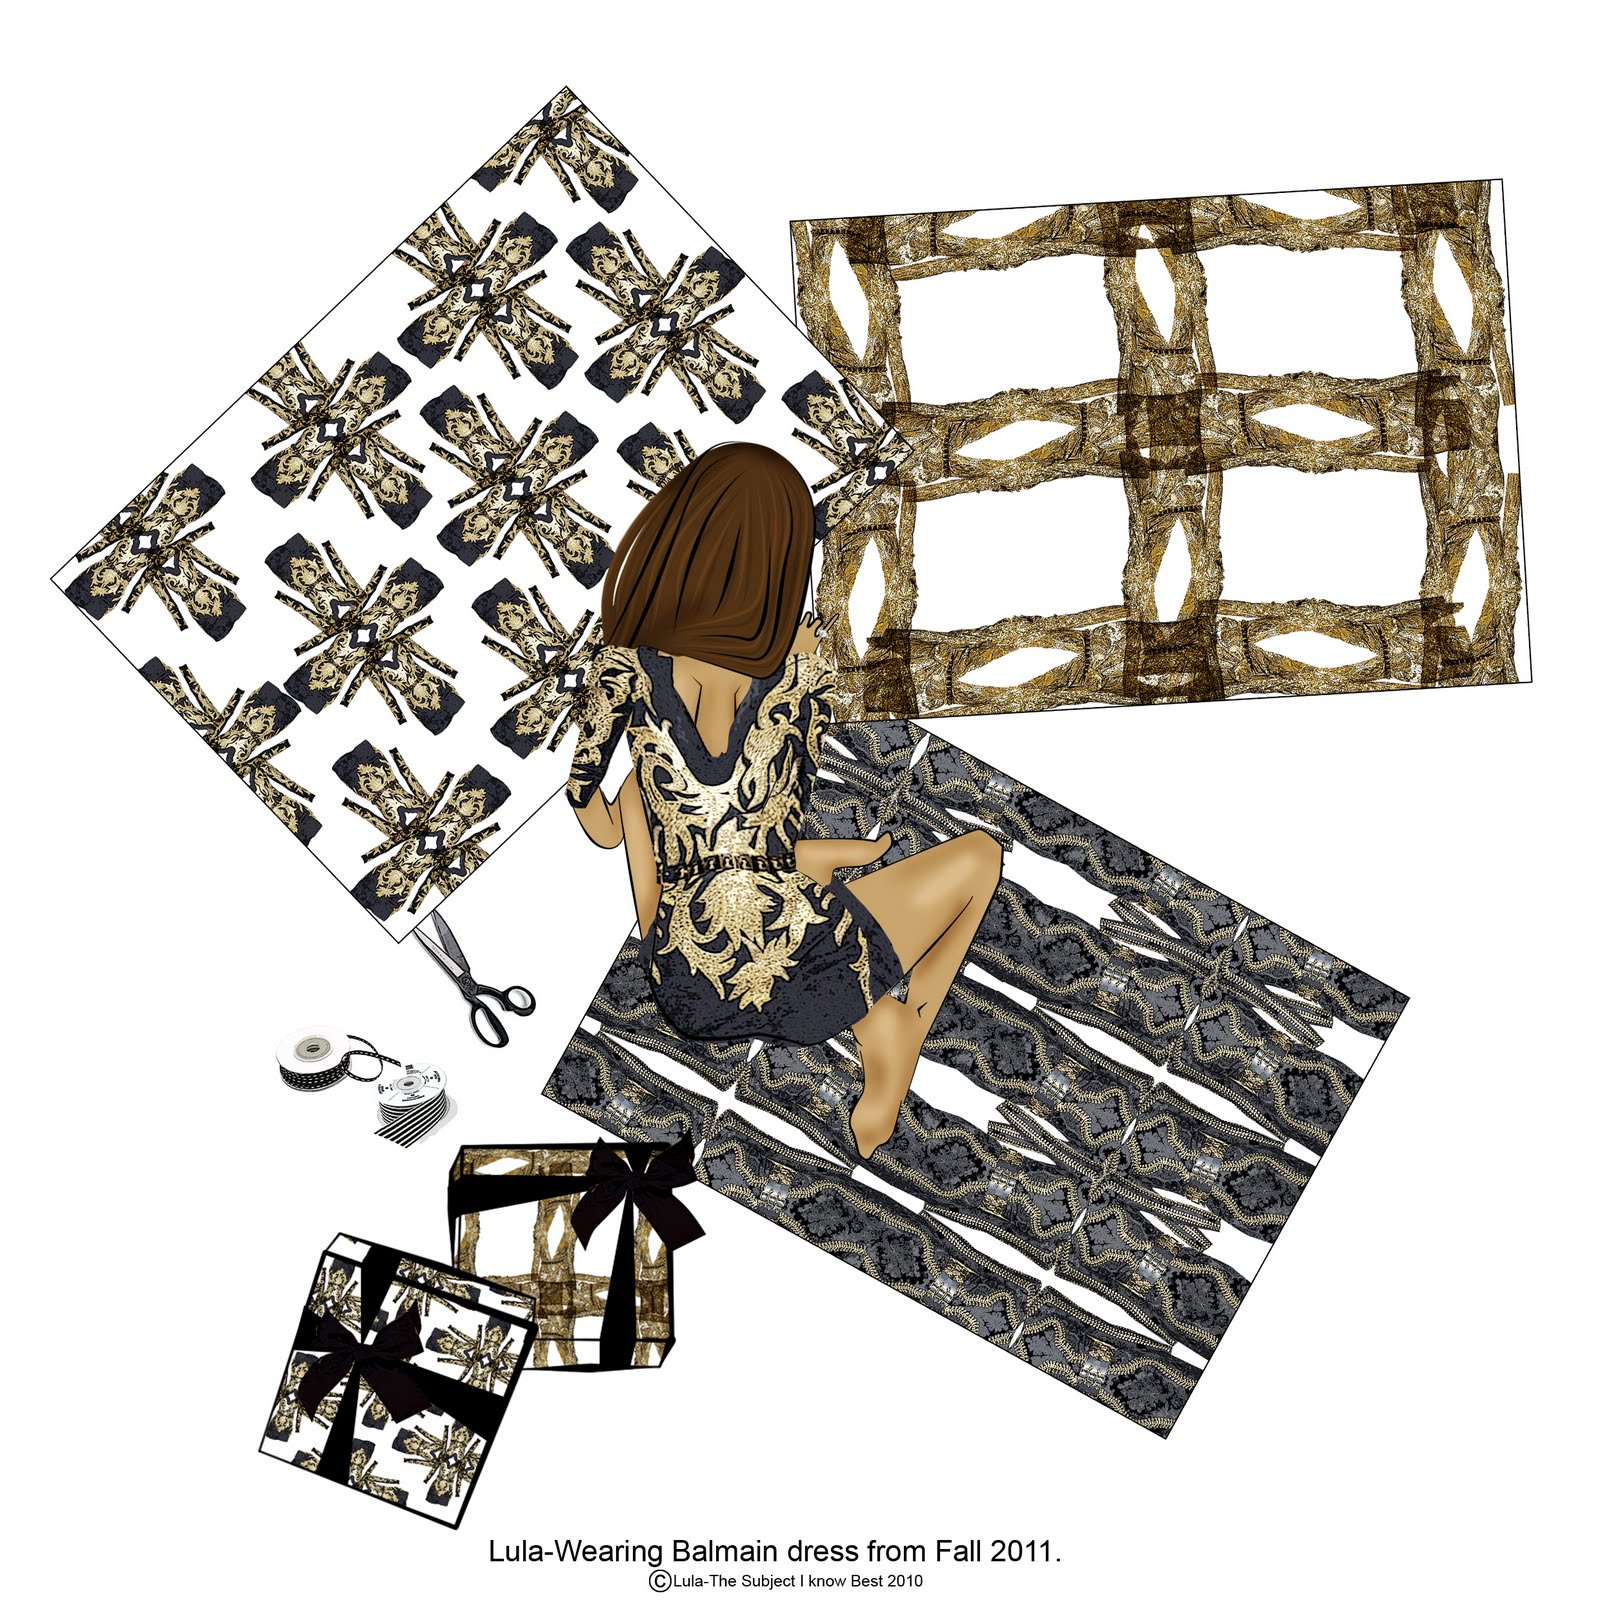 http://2.bp.blogspot.com/_SeE_FEfTDNE/TQy0dK7THII/AAAAAAAACDM/3L8nvvrNB-I/s1600/Lula-WrappingPaper%252301x.jpg